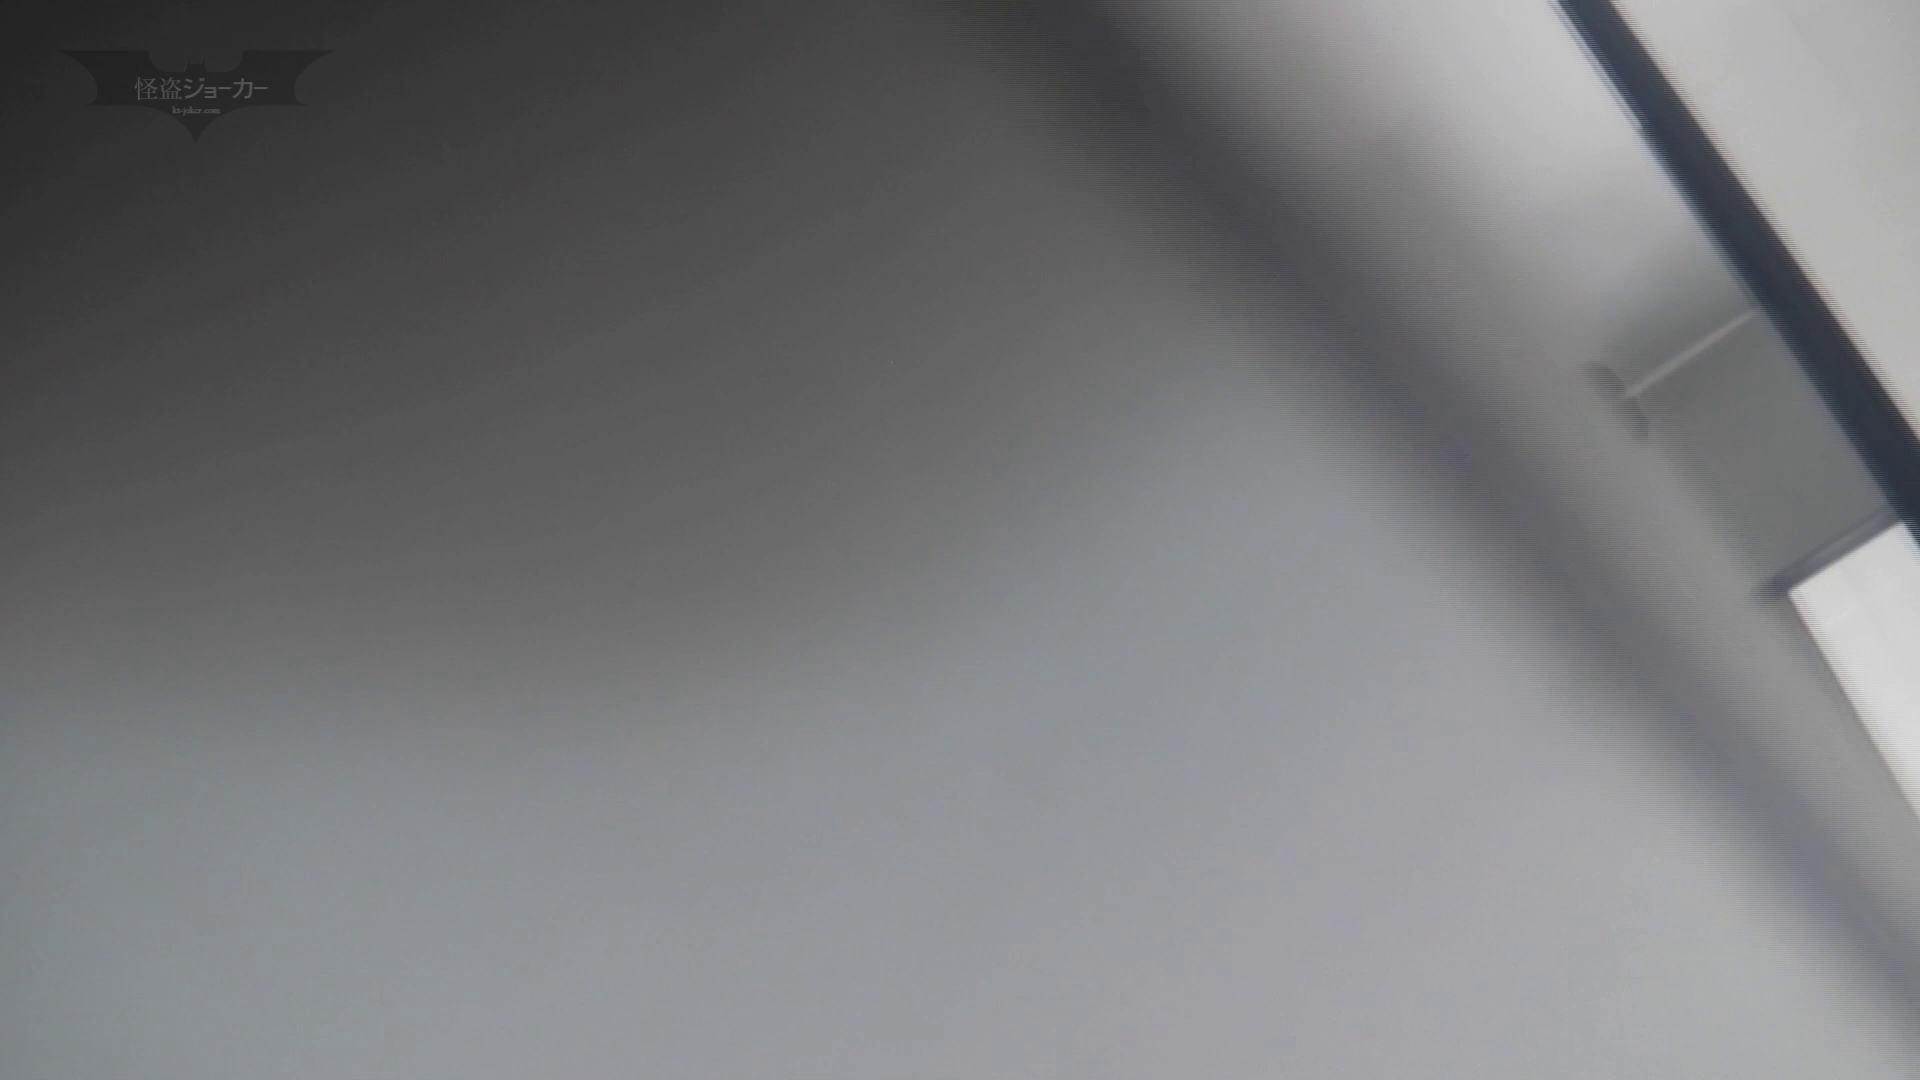 潜入!!台湾名門女学院 Vol.10 進化 潜入エロ調査 | 盗撮エロすぎ  79連発 45